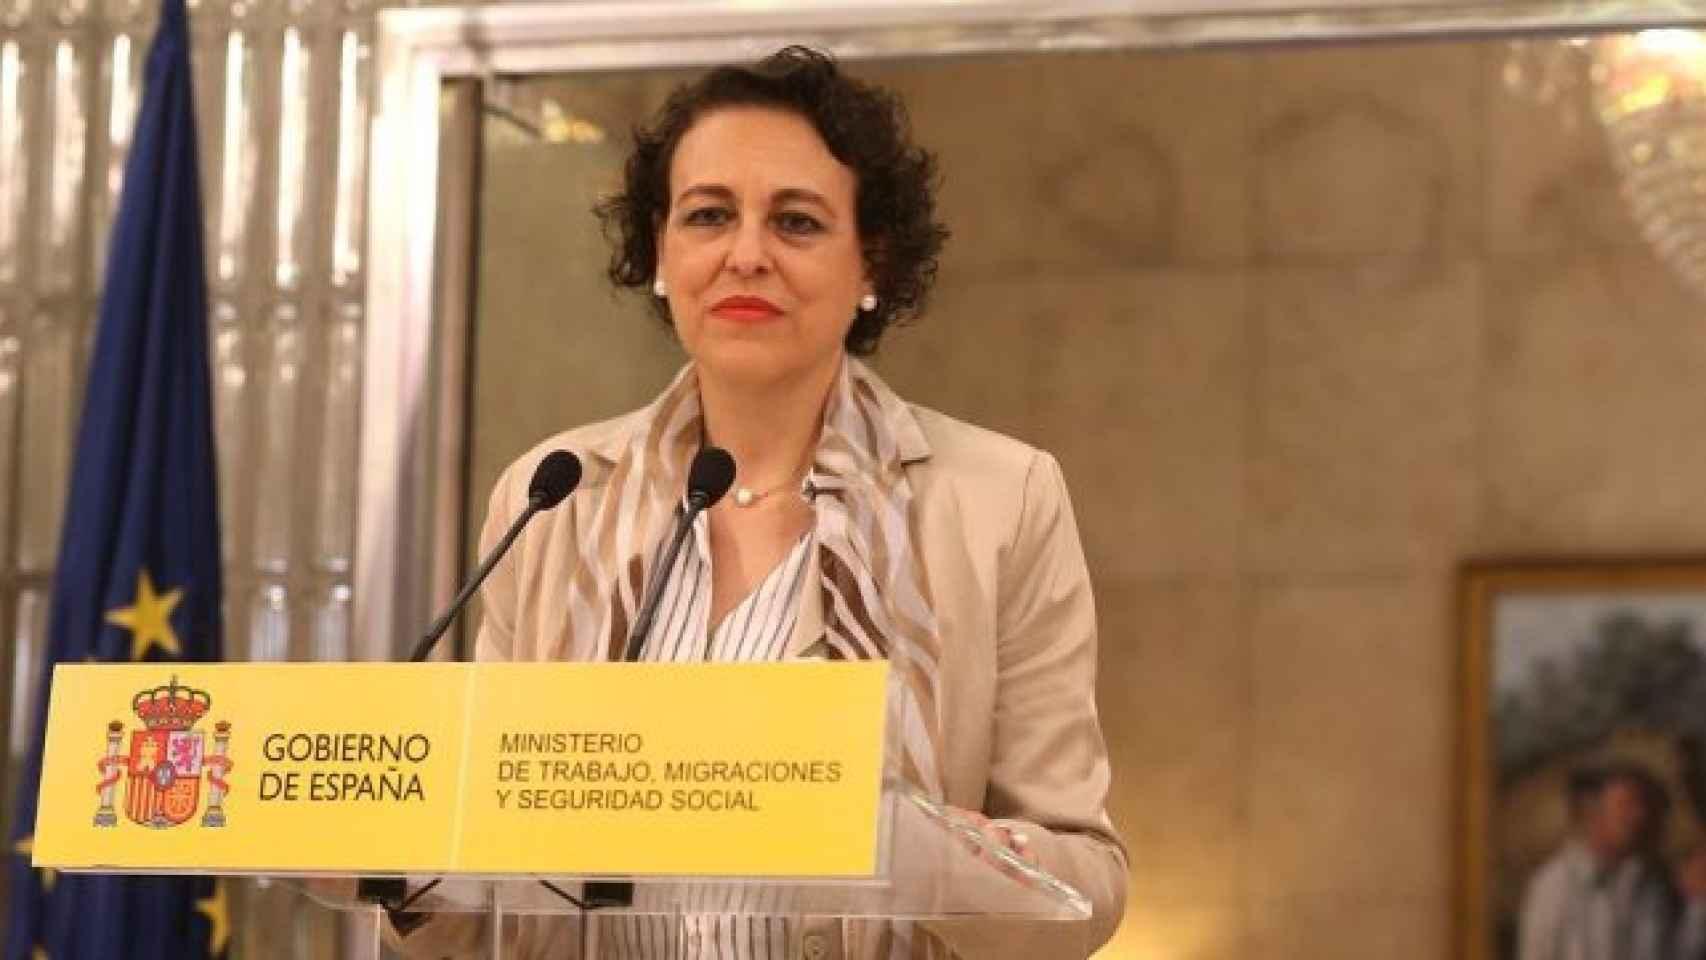 Magdalena Valerio, Ministra de Trabajo. Migraciones y Seguridad Social.